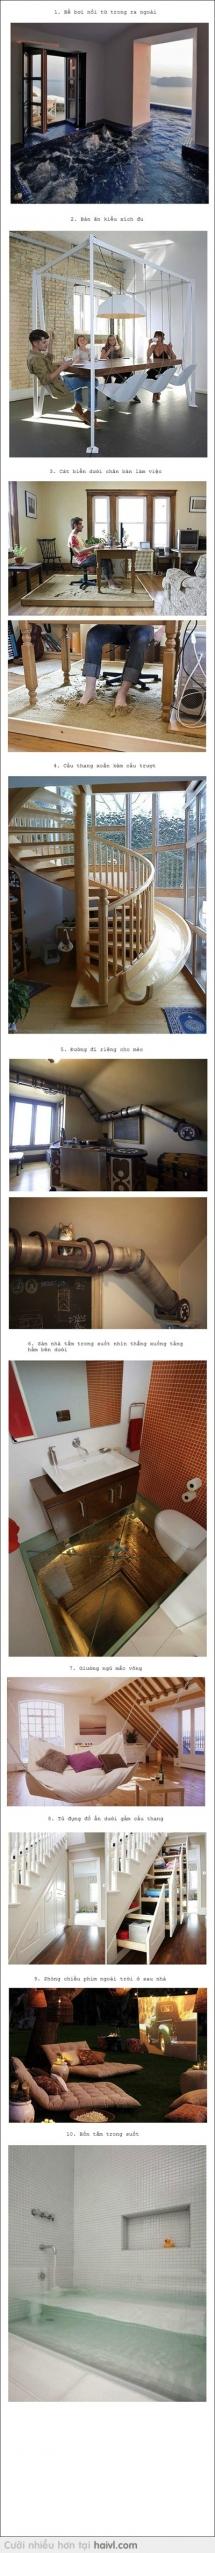 """20 ý tưởng thiết kế ngôi nhà """"trong mơ"""" P1"""